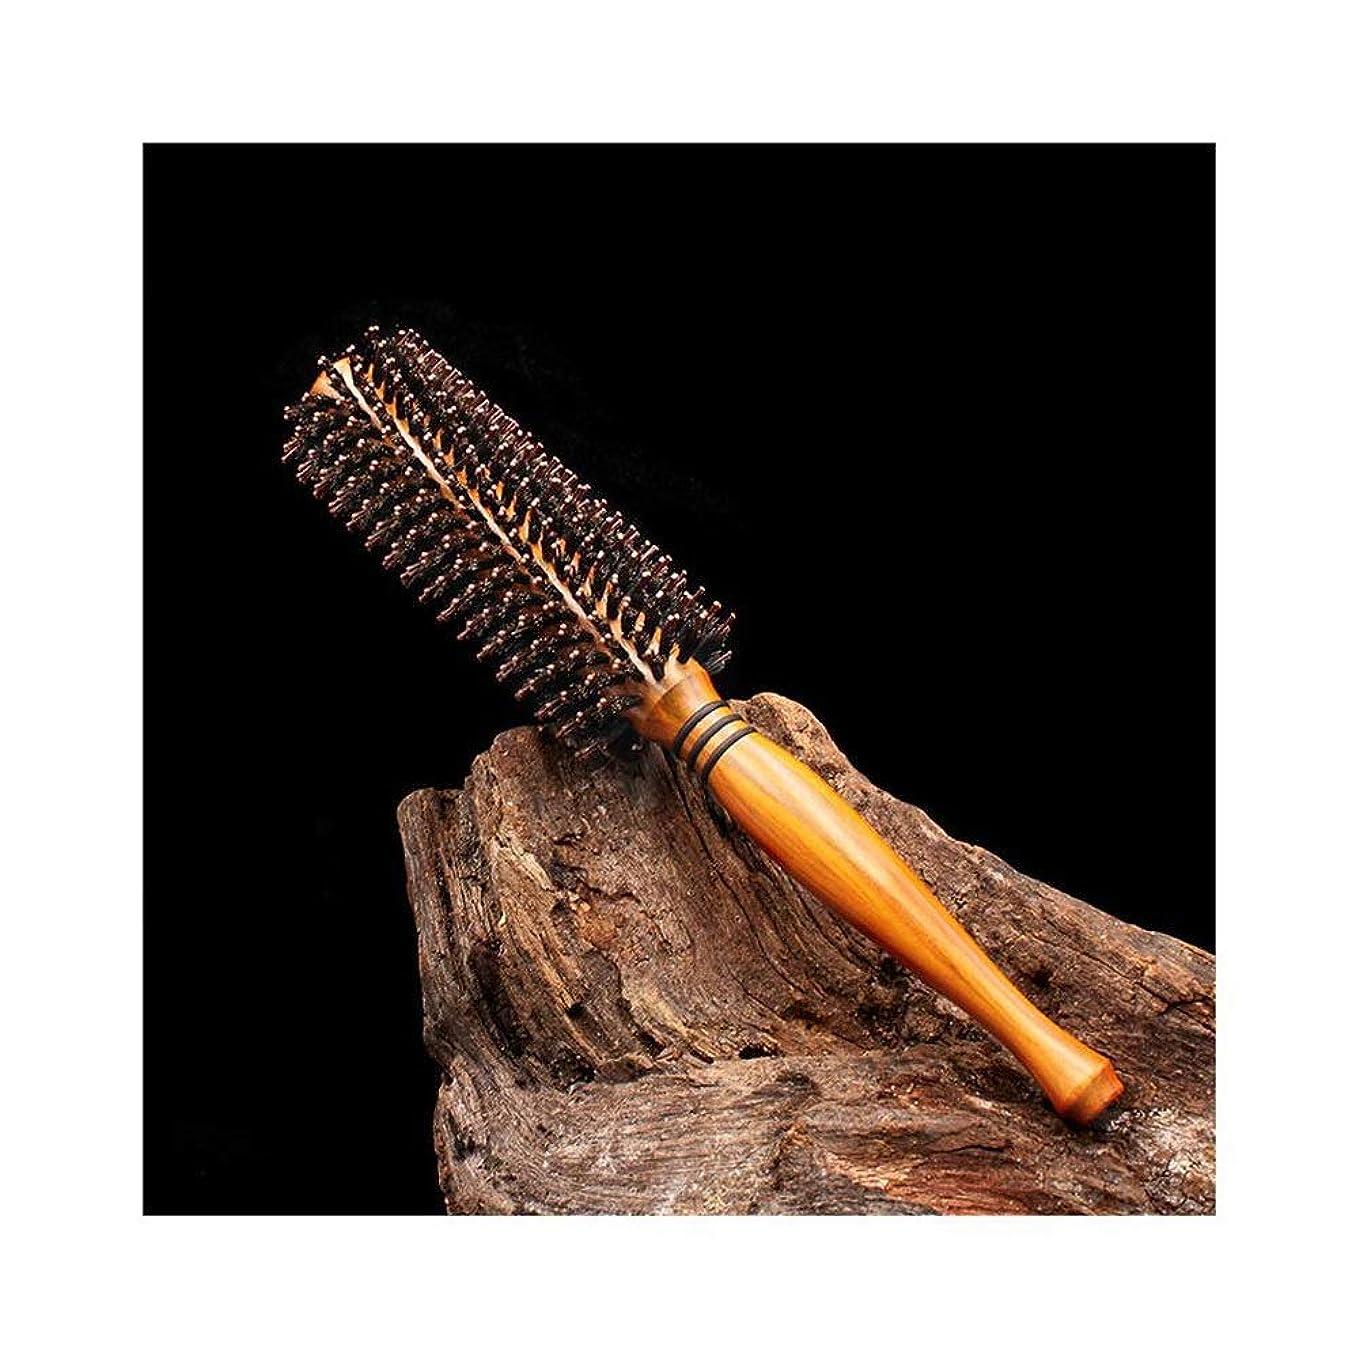 ピーブ相談香港WASAIO ヘアブラシ木製ローリングコームブロー乾燥乾燥イノシシ毛コームラウンドヘアブラシ (Design : Twill, サイズ : M)